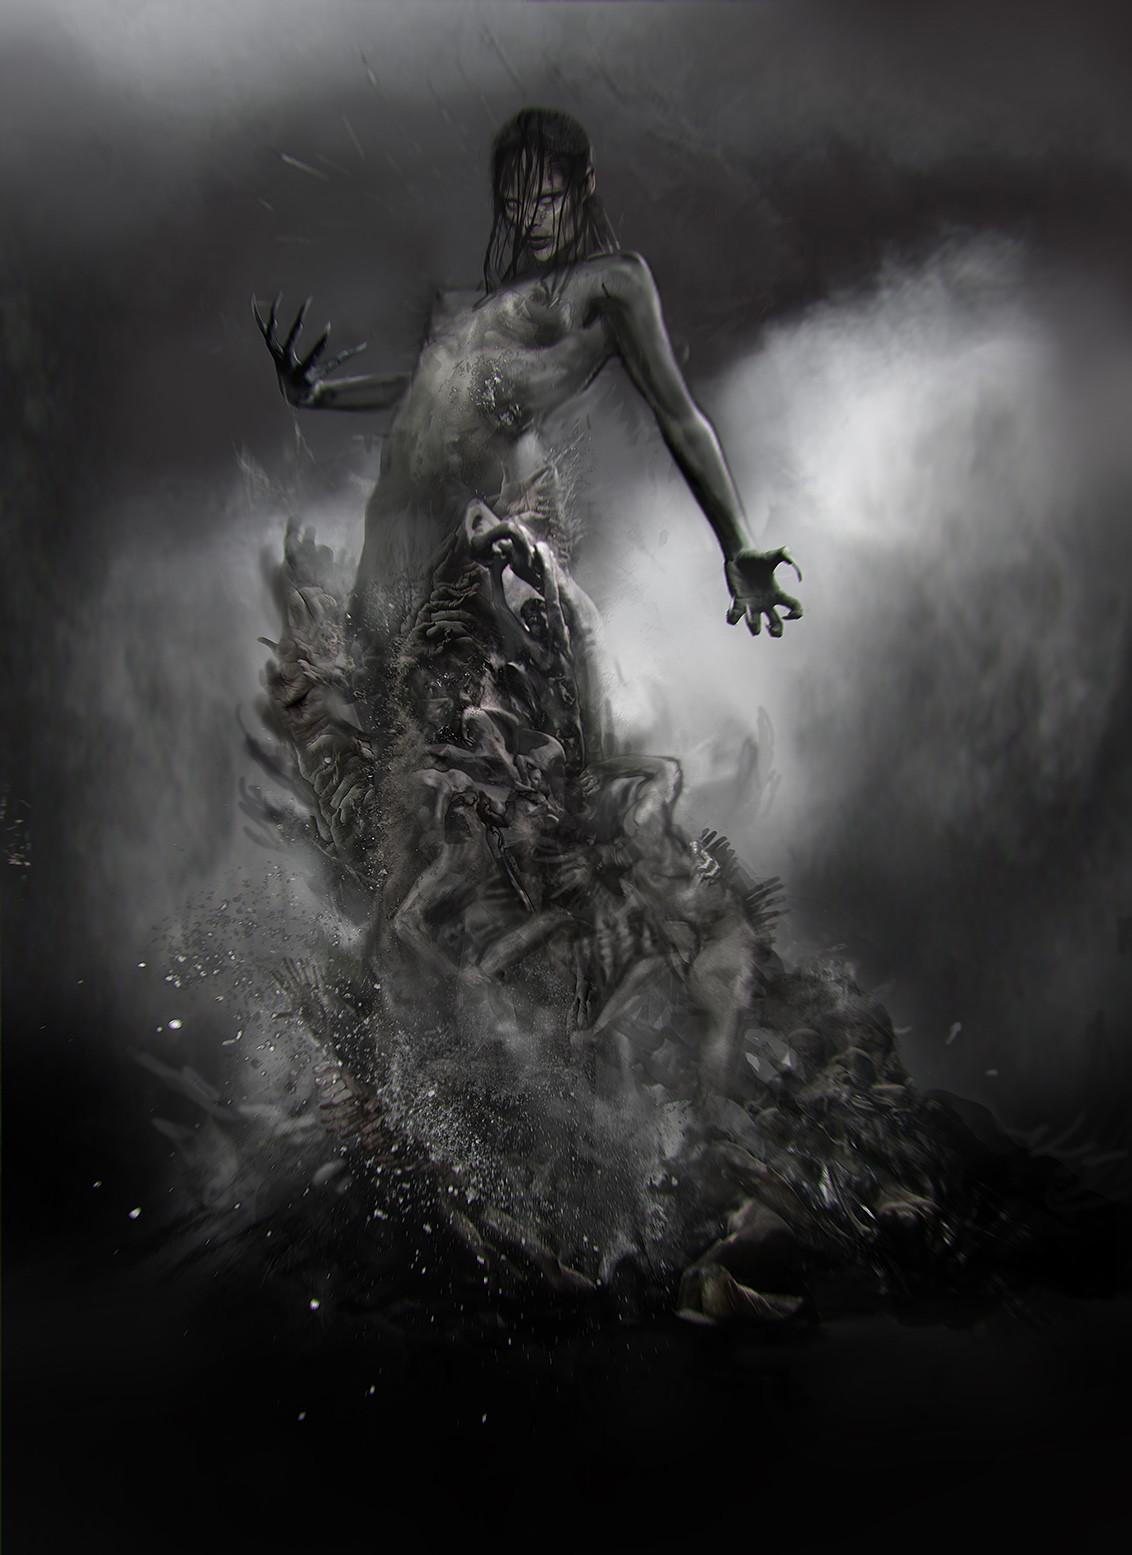 Andrei riabovitchev witch full body v005